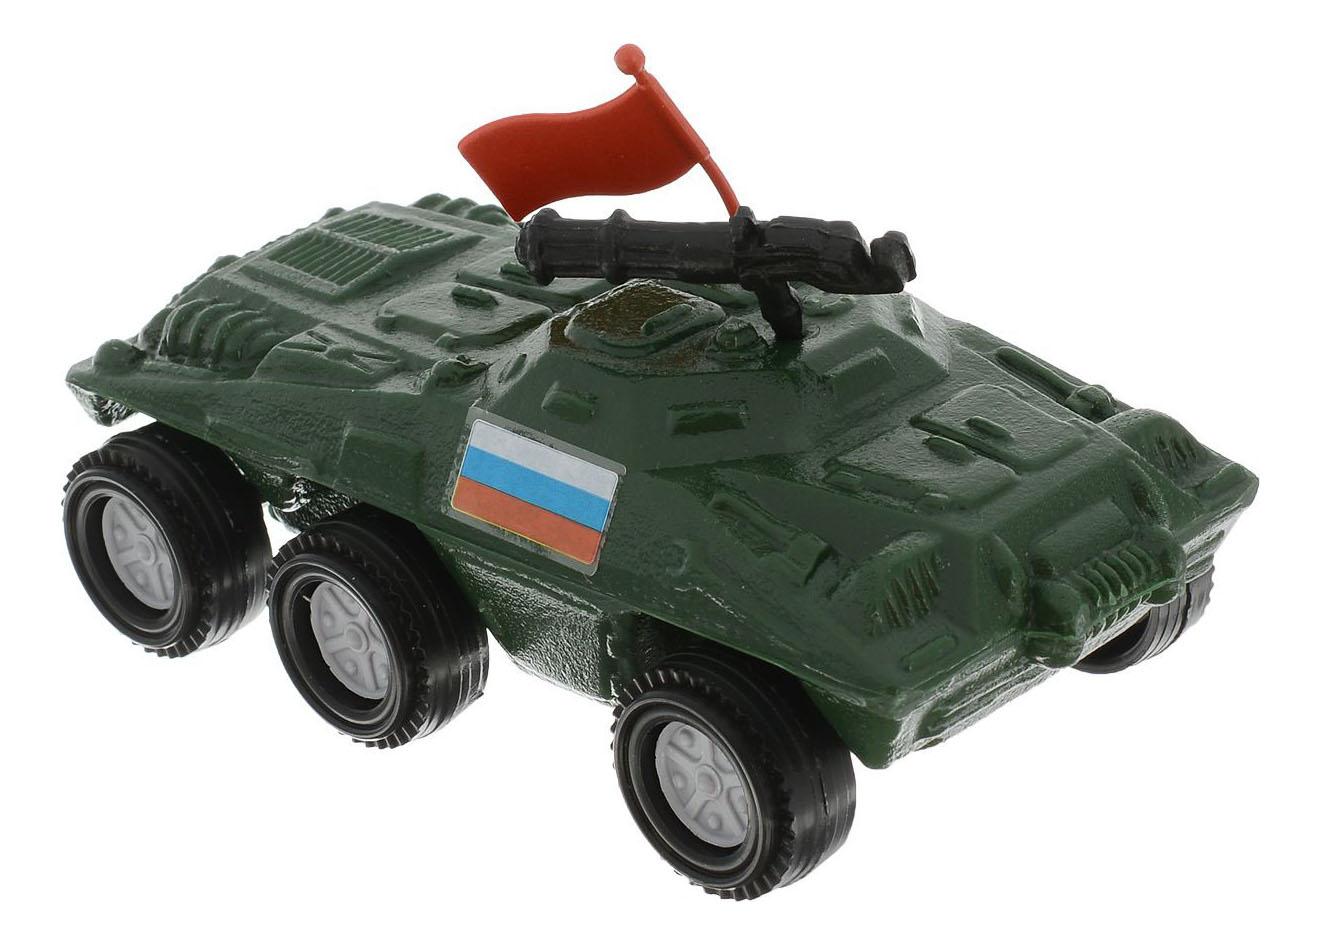 Купить Машина военная Форма Бронетранспортер Патриот, Военный транспорт